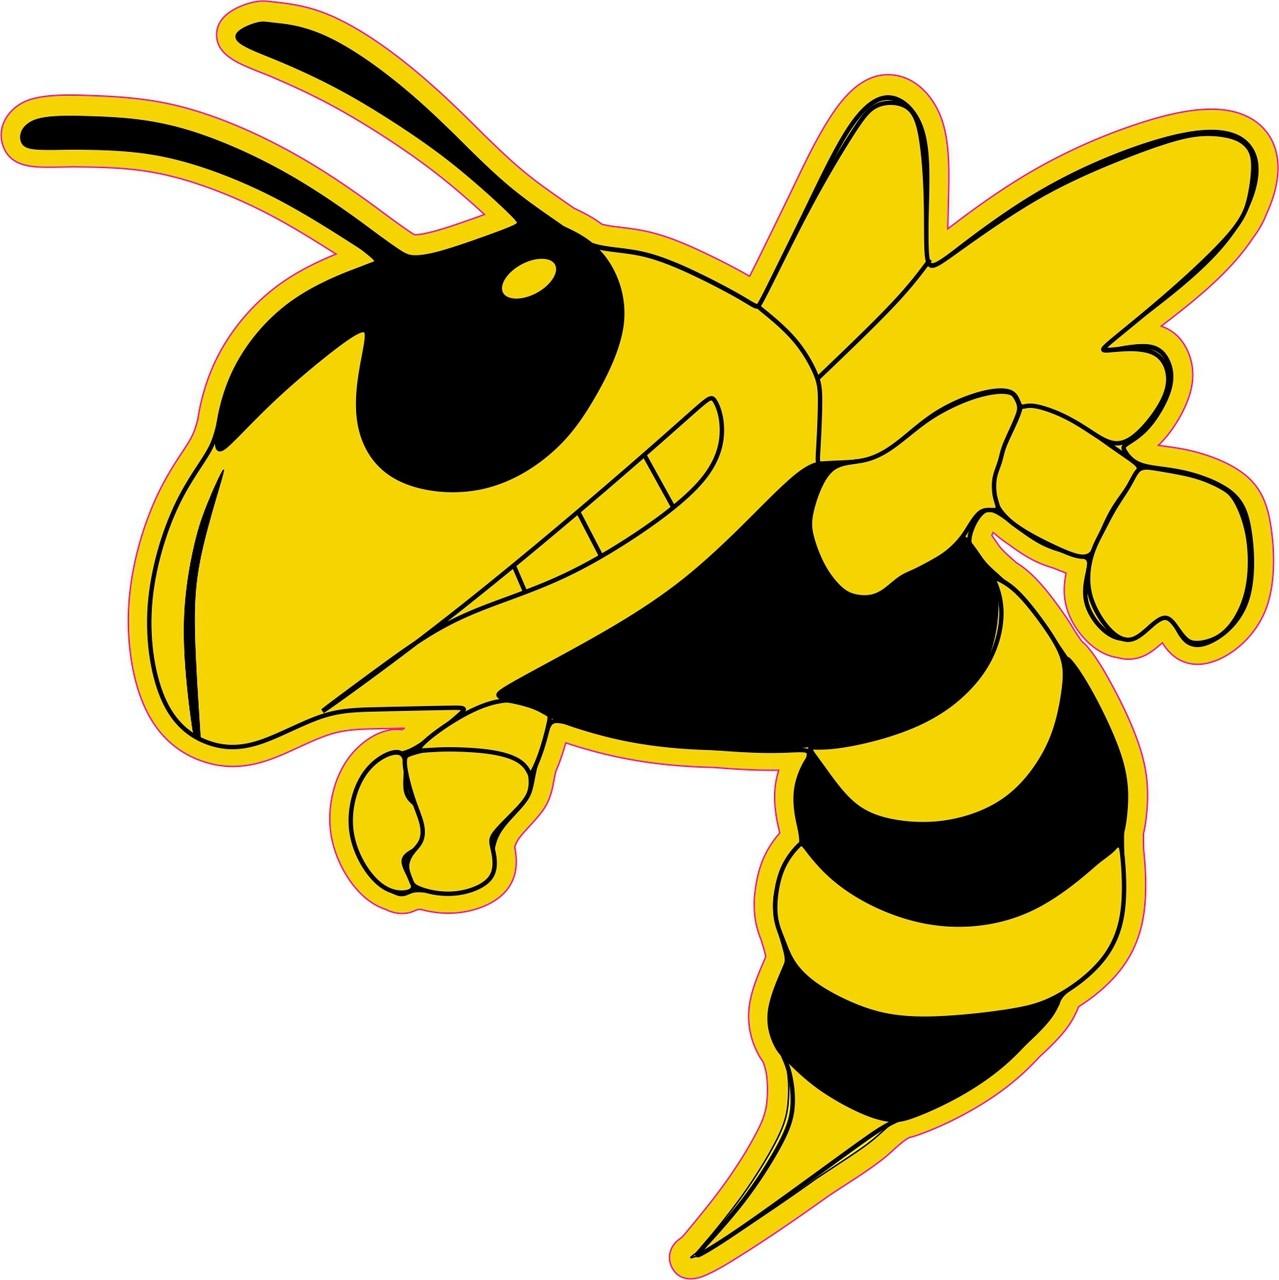 6in X 6in Left Facing Yellow Black Hornet Bee Mascot